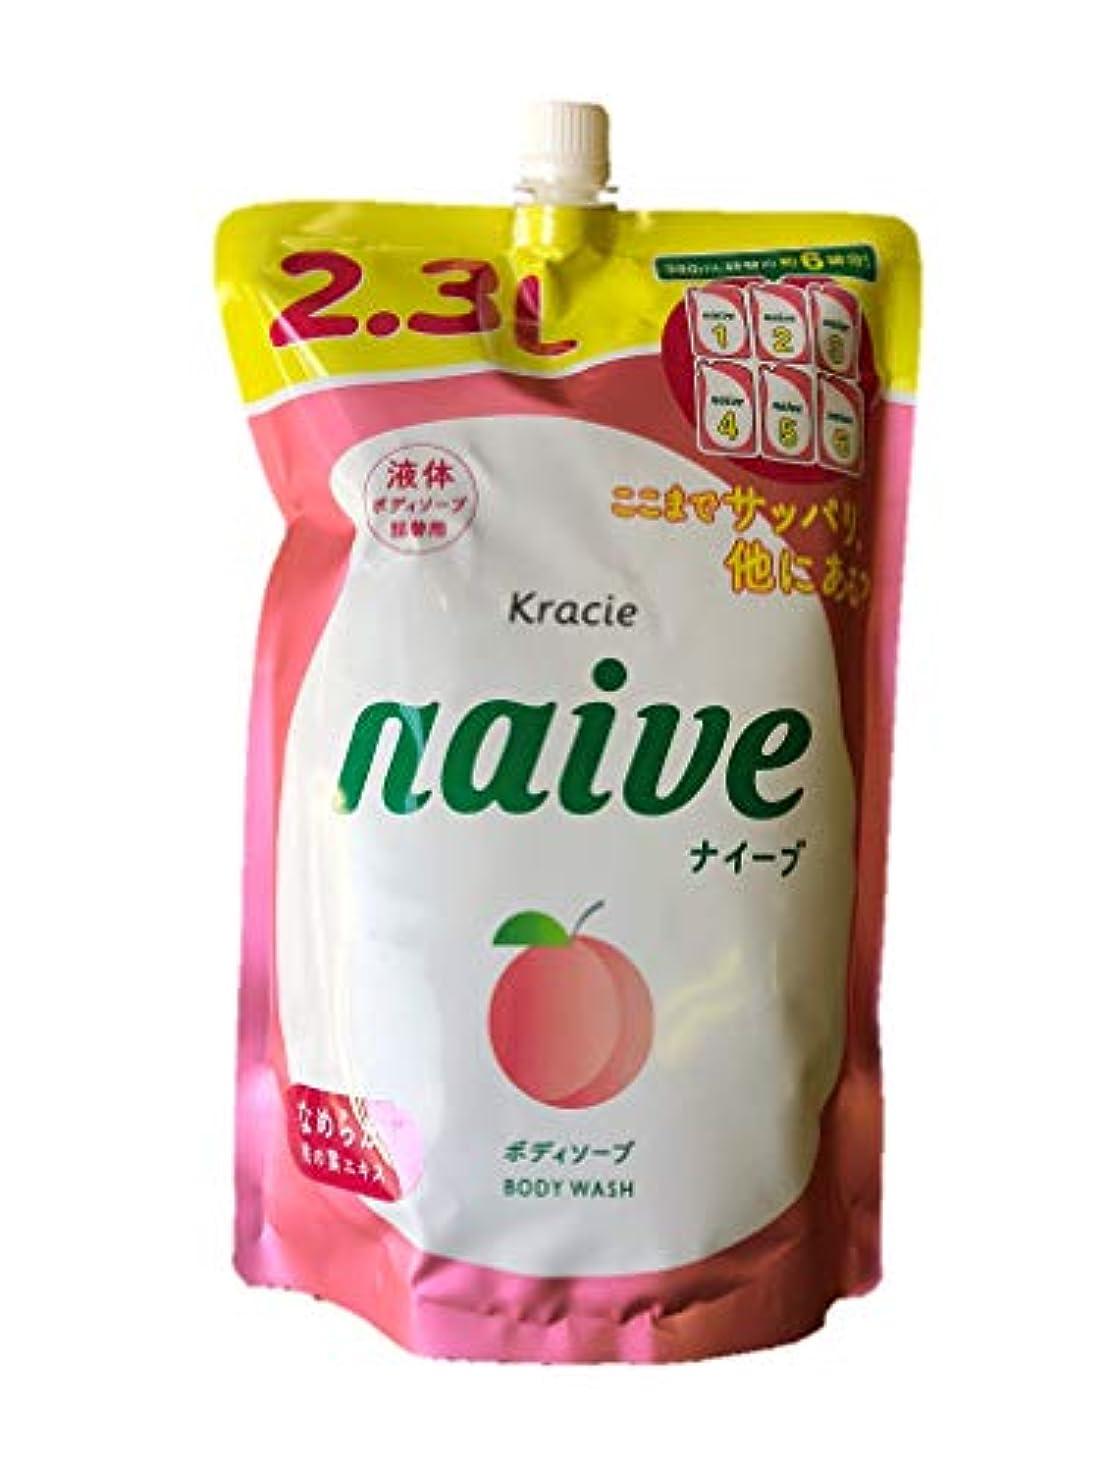 セーター石モニカ【大容量2.3L】ナイーブ 植物性ボディーソープ 自然でやさしい桃の香り 2300ml